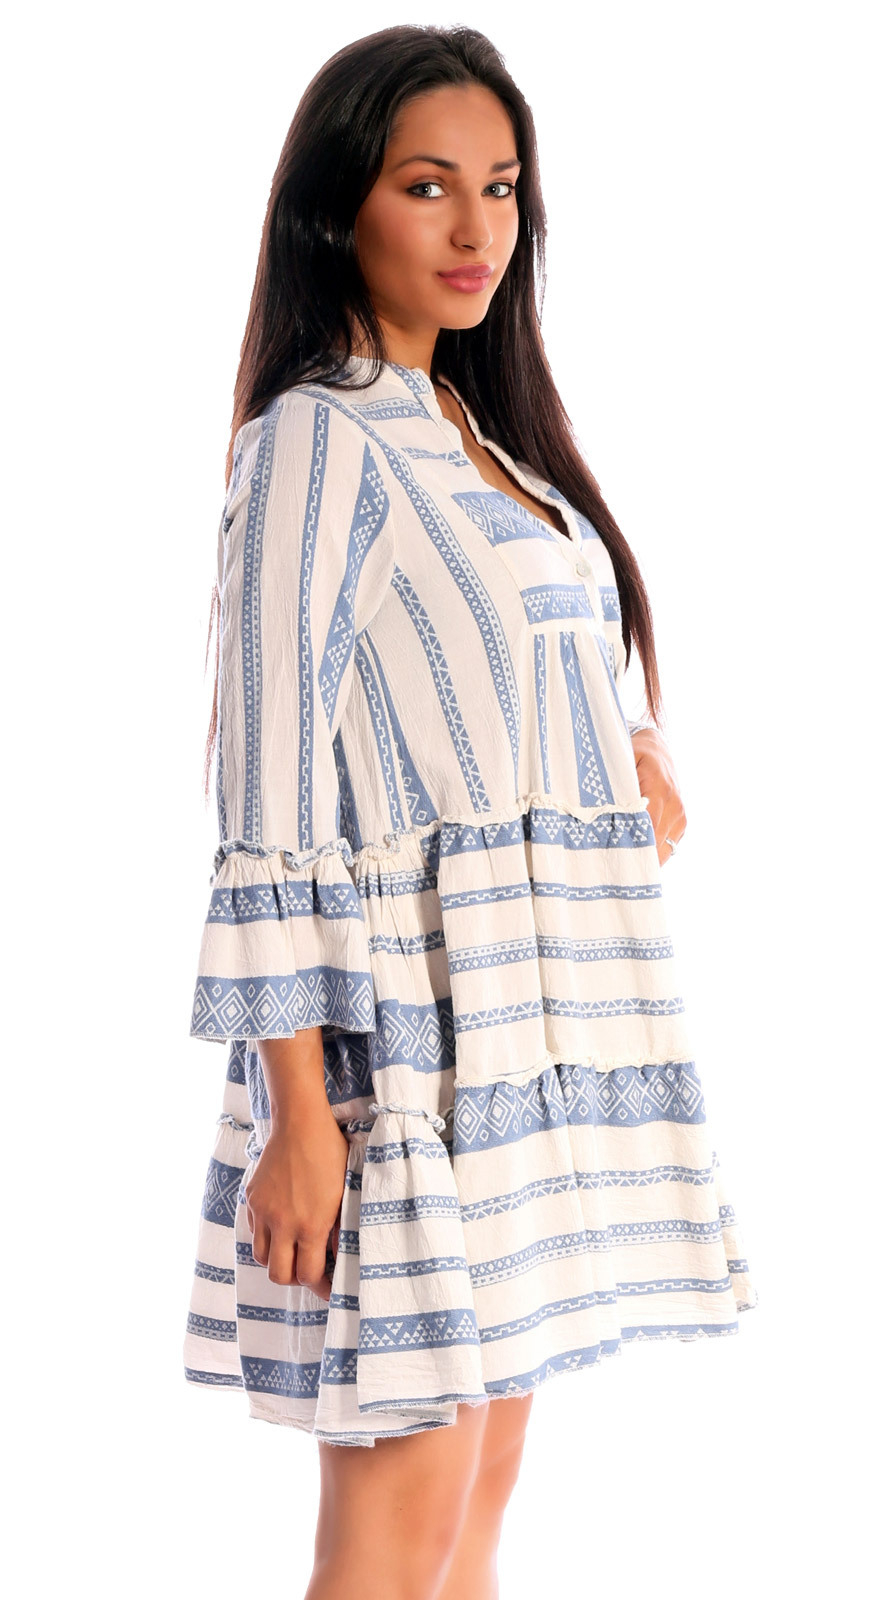 Tunikakleid Im Mediterranean Ethno Heritage Design  Mode